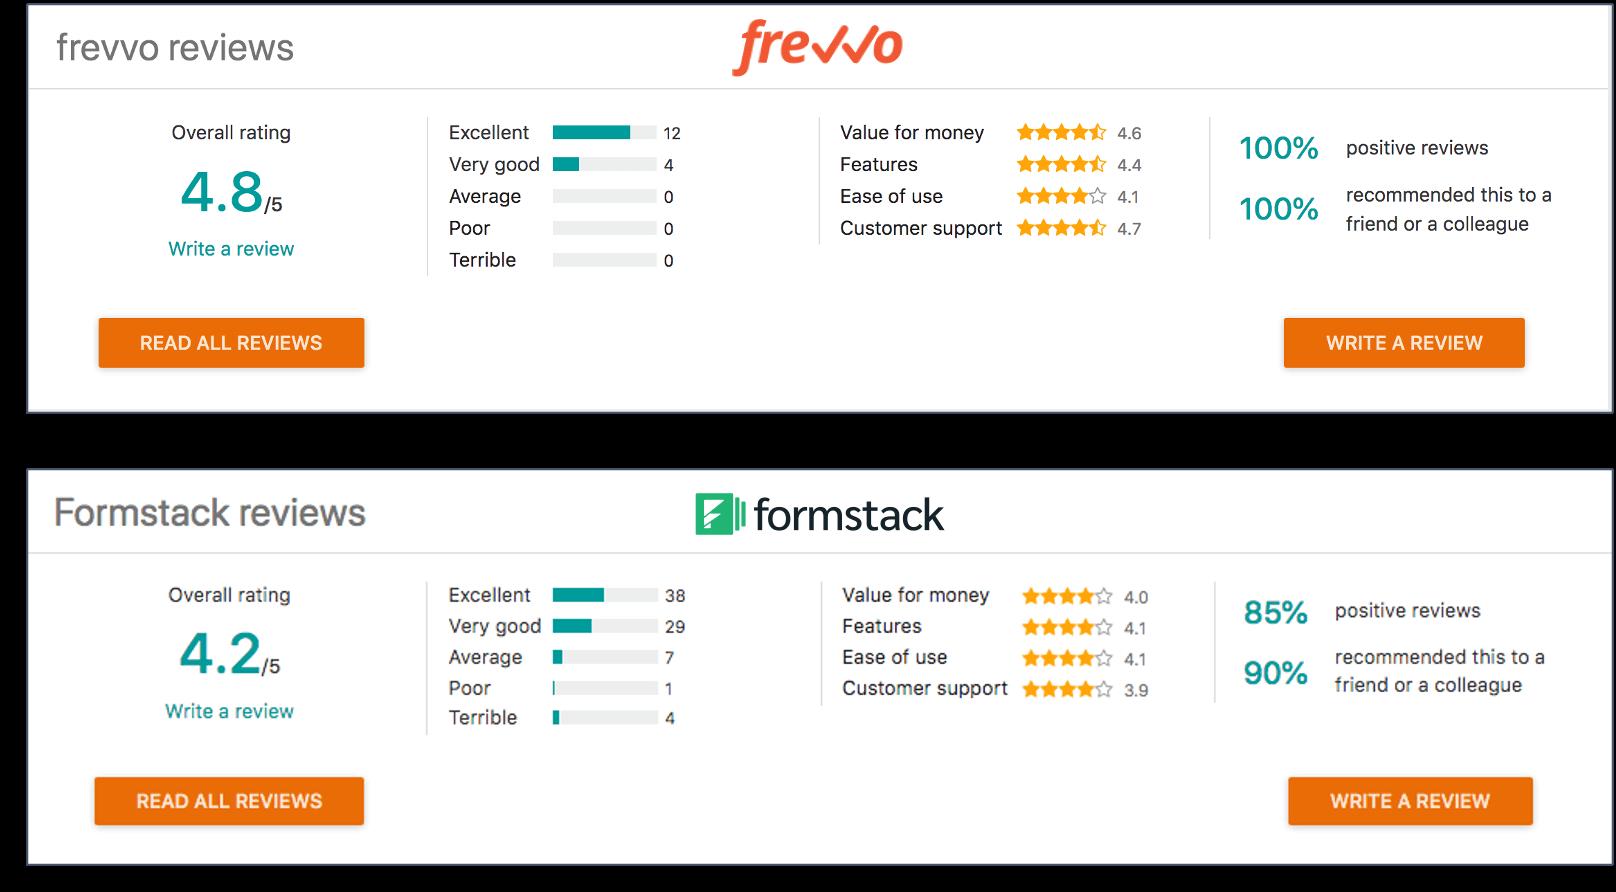 frevvo vs Formstack customer reviews